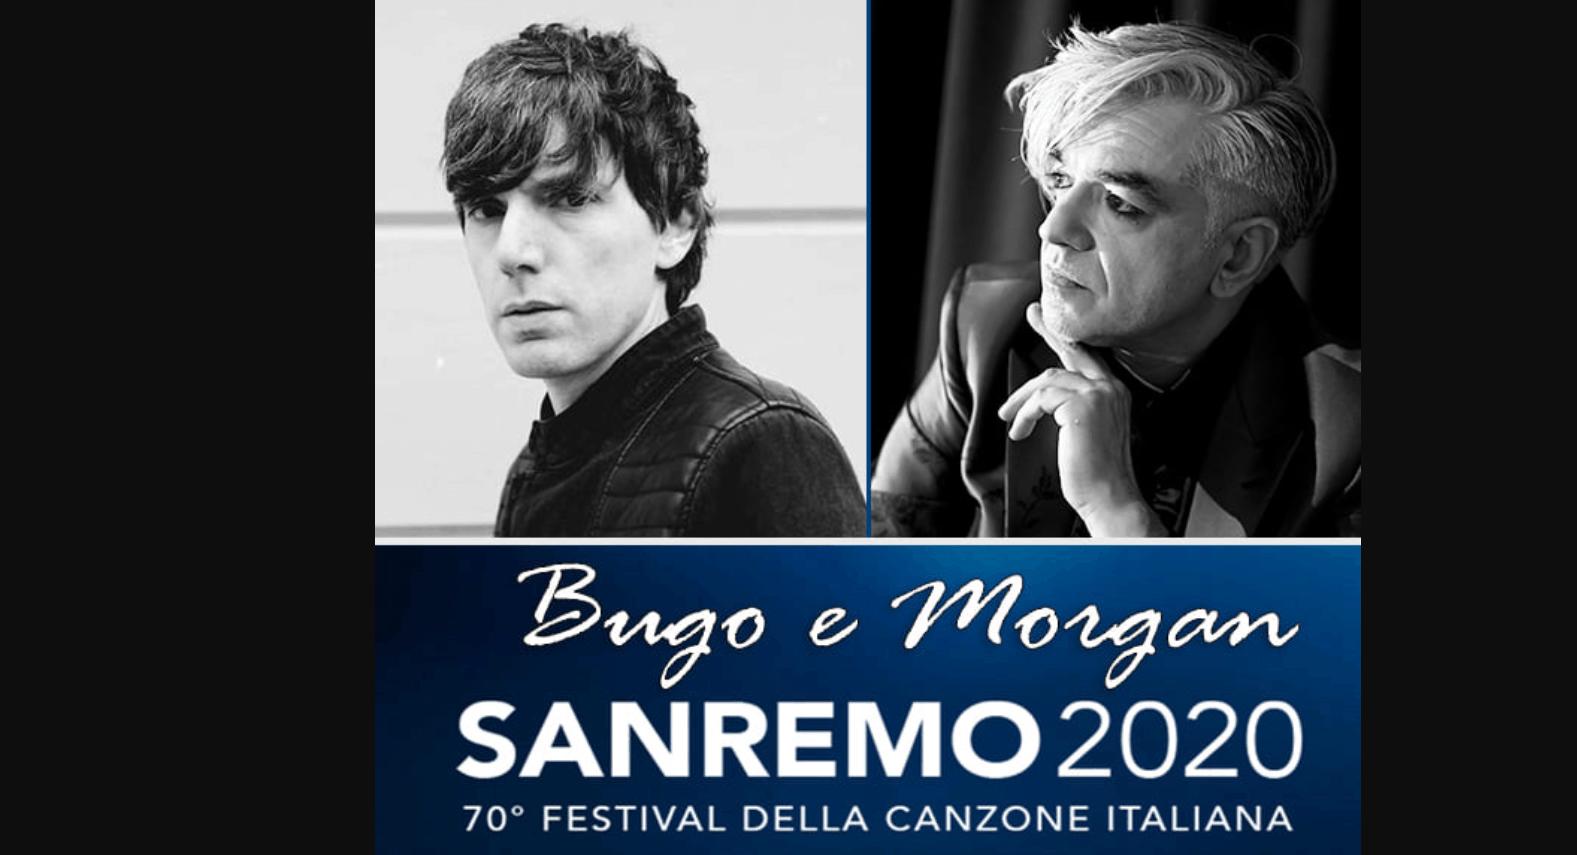 Brani Sanremo 2020, Bugo e Morgan cantano Sincero: testo e significato